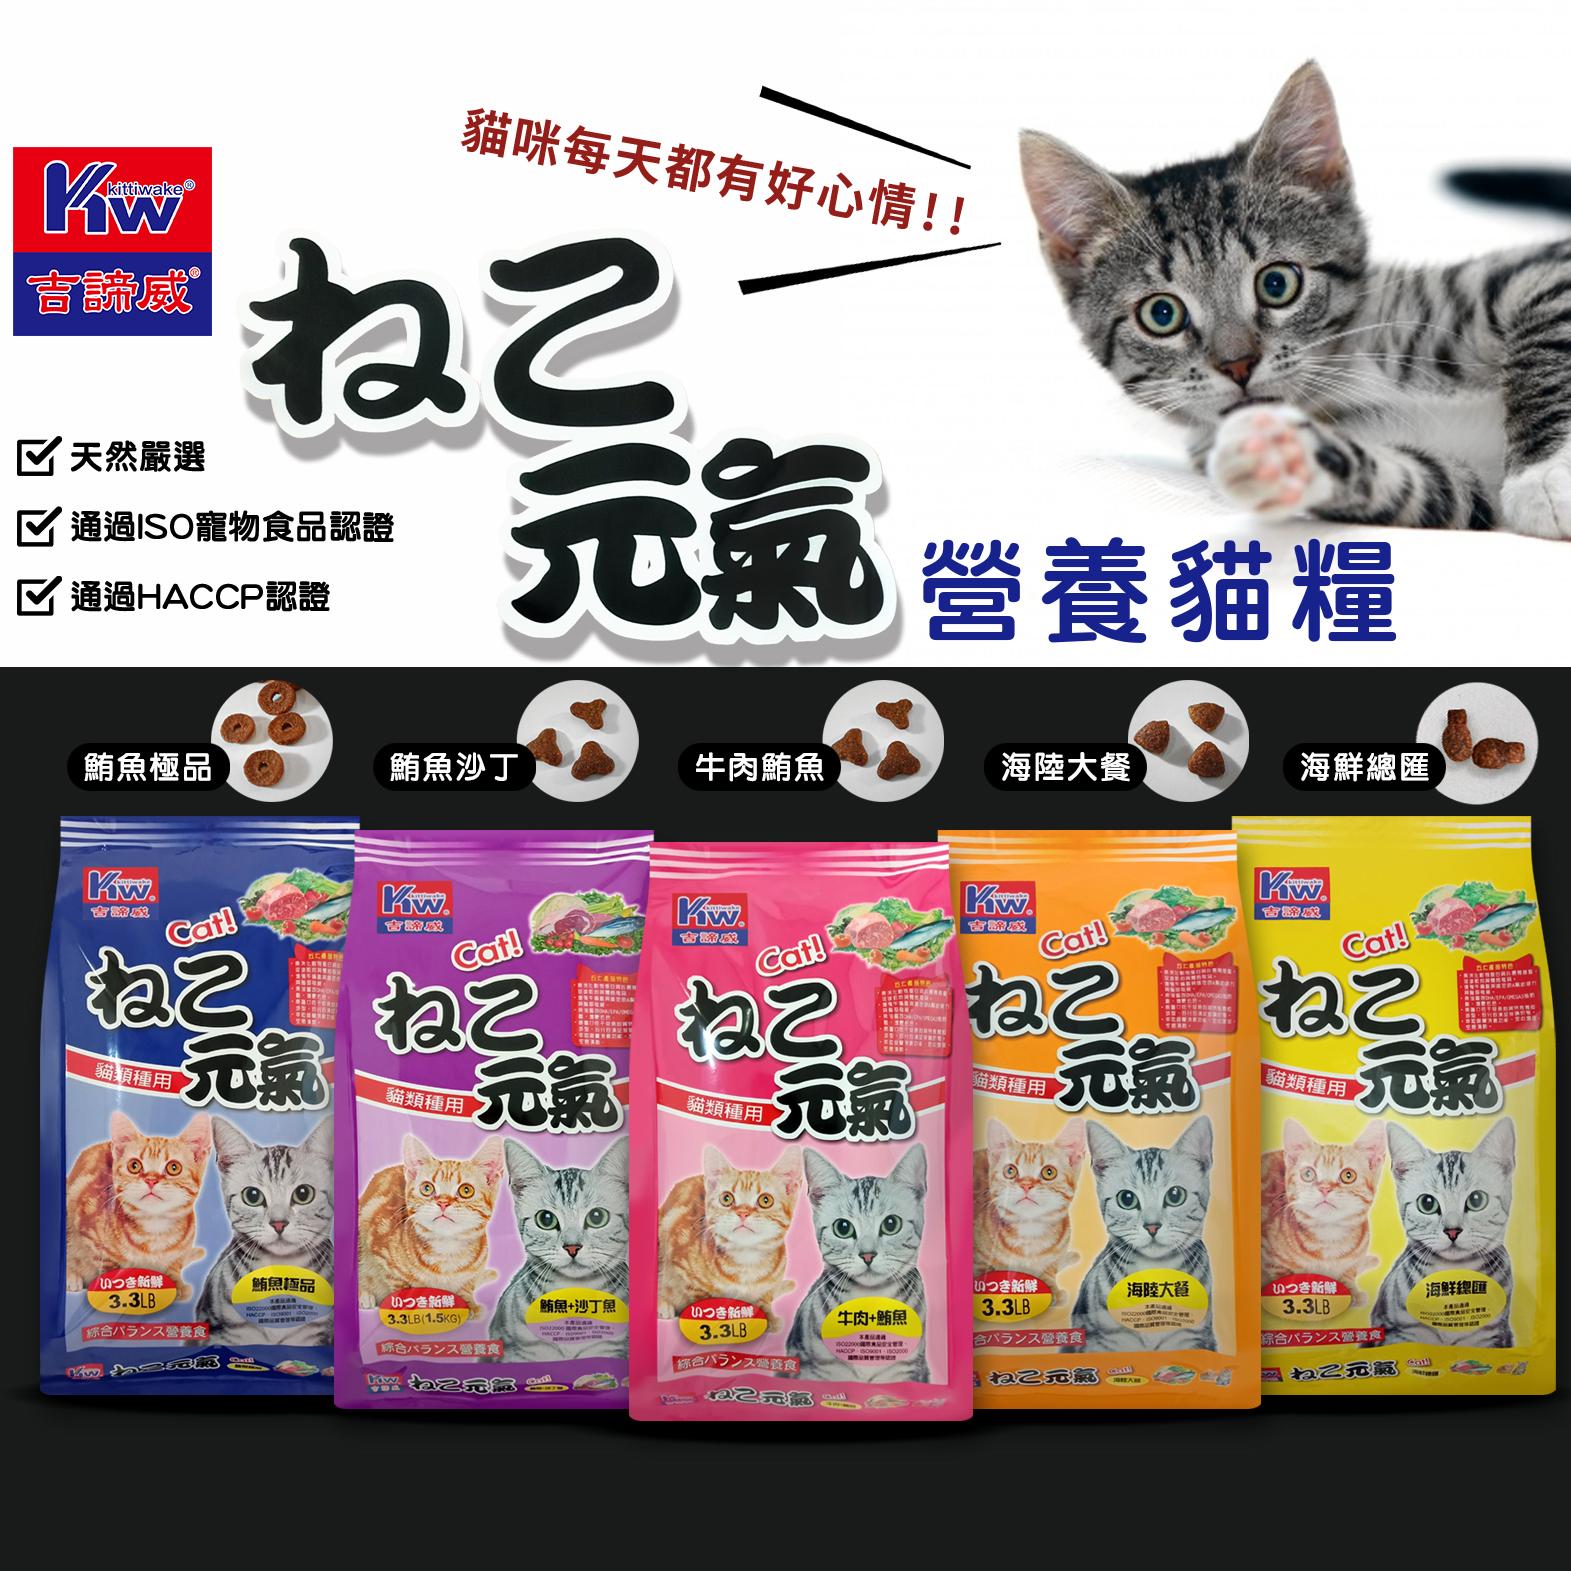 KITTIWAKE吉諦威-元氣貓 1.5KG 營養貓糧